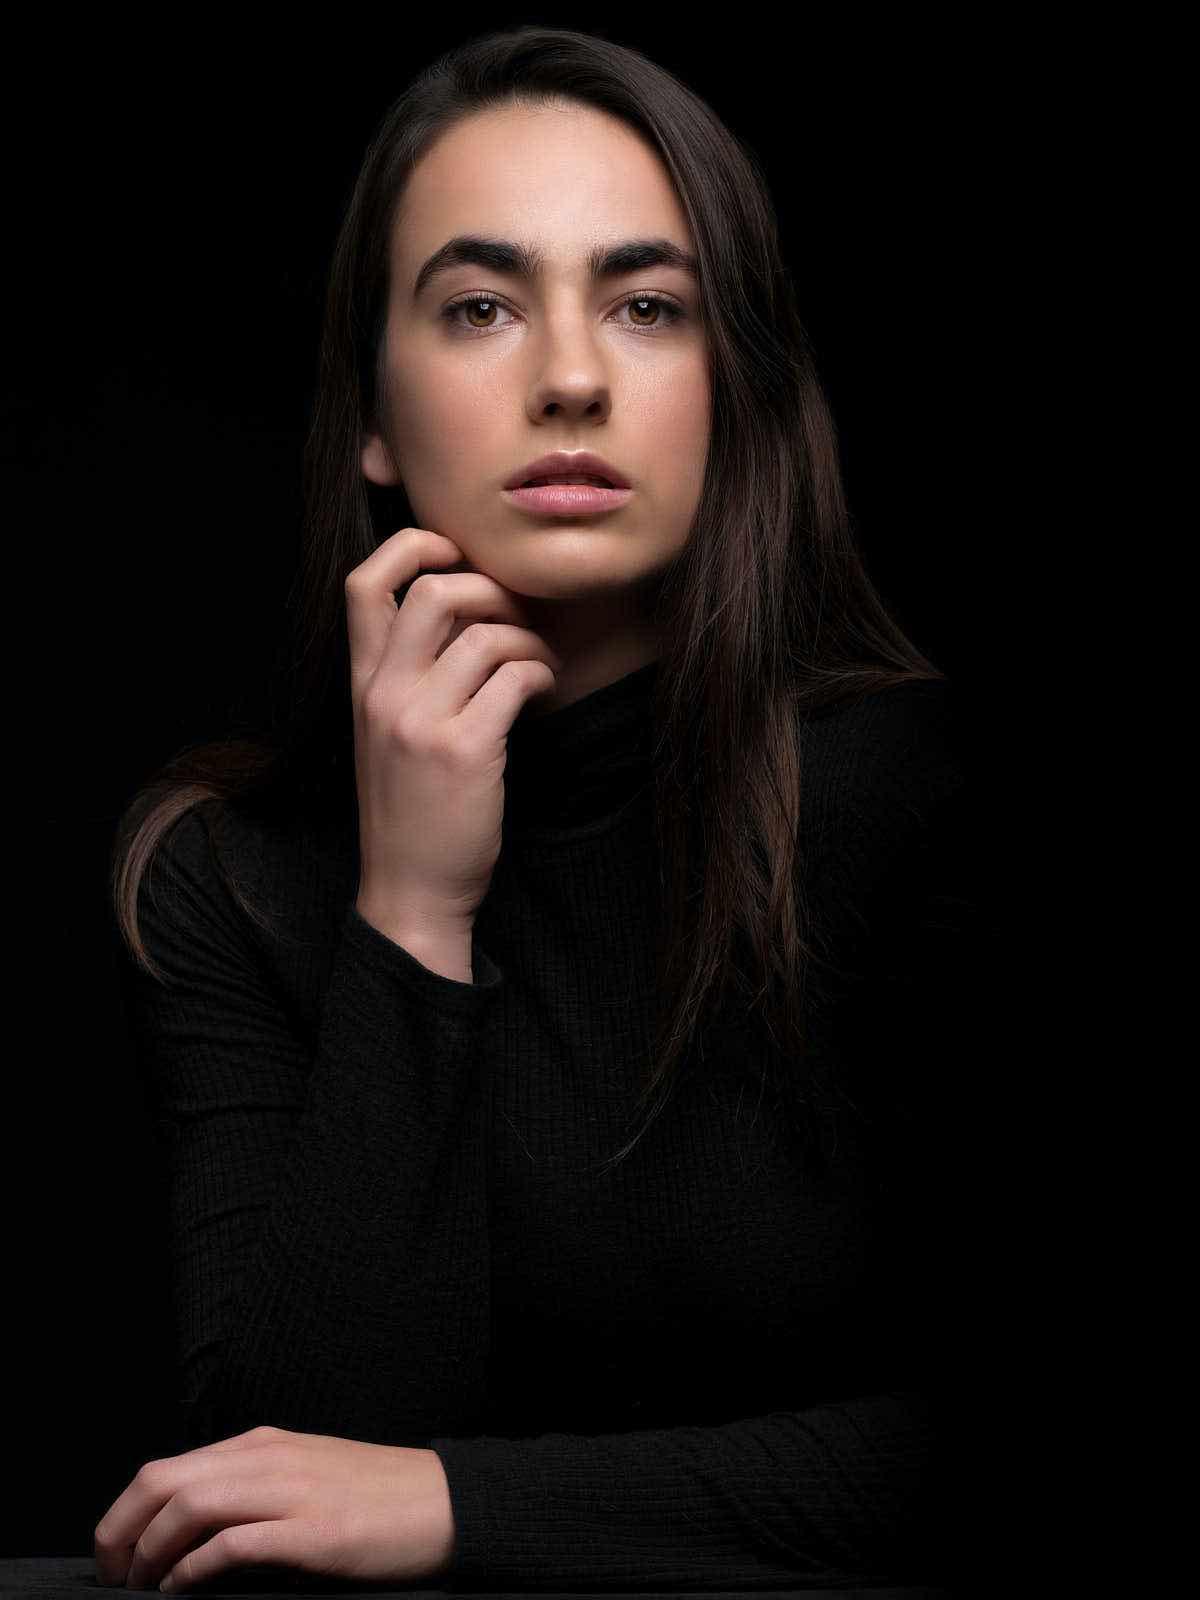 sce-agency-female-model-julia-s-5aaaa